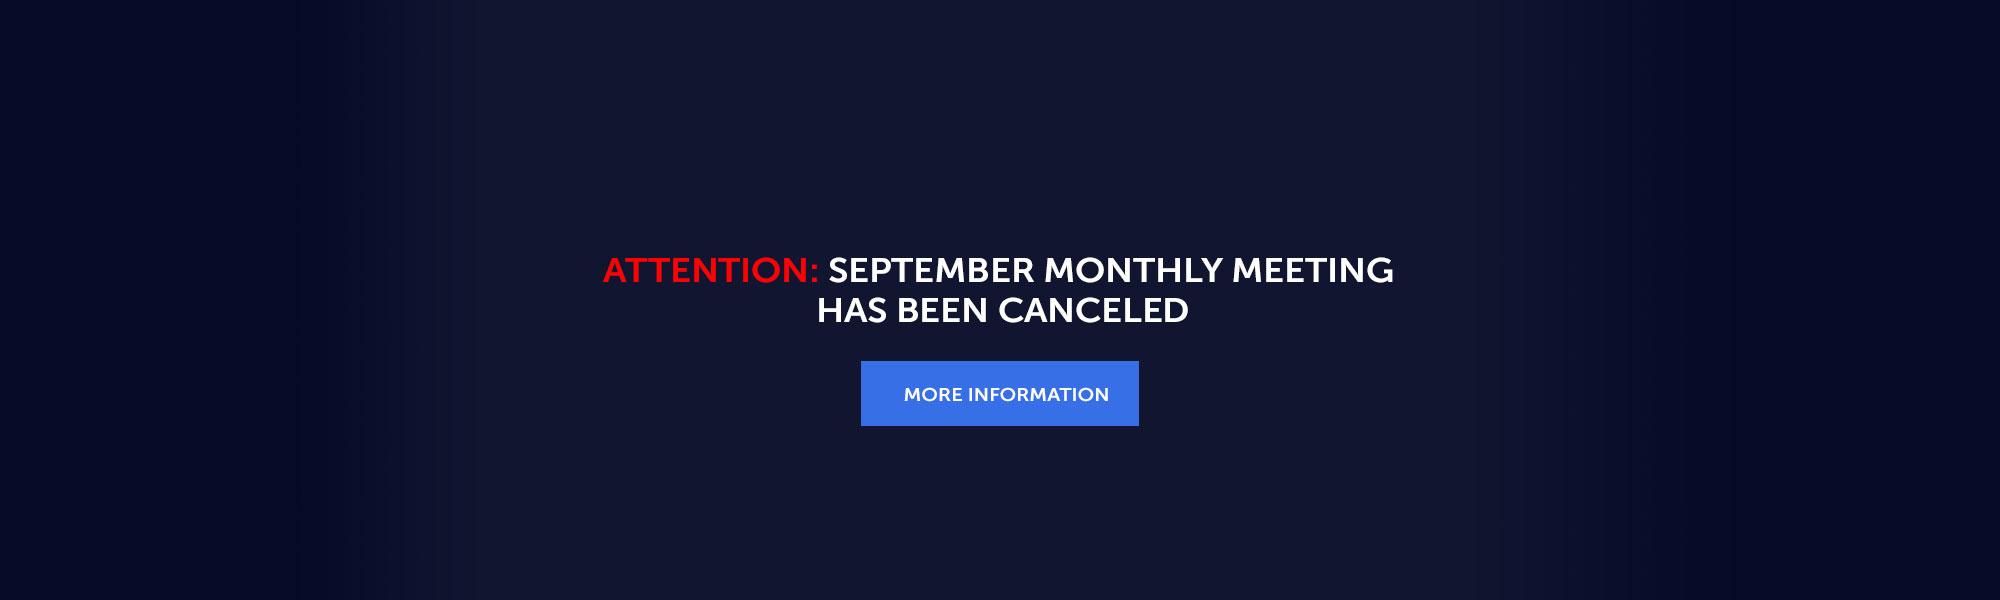 2018 09 monthly meeting xxl desktop